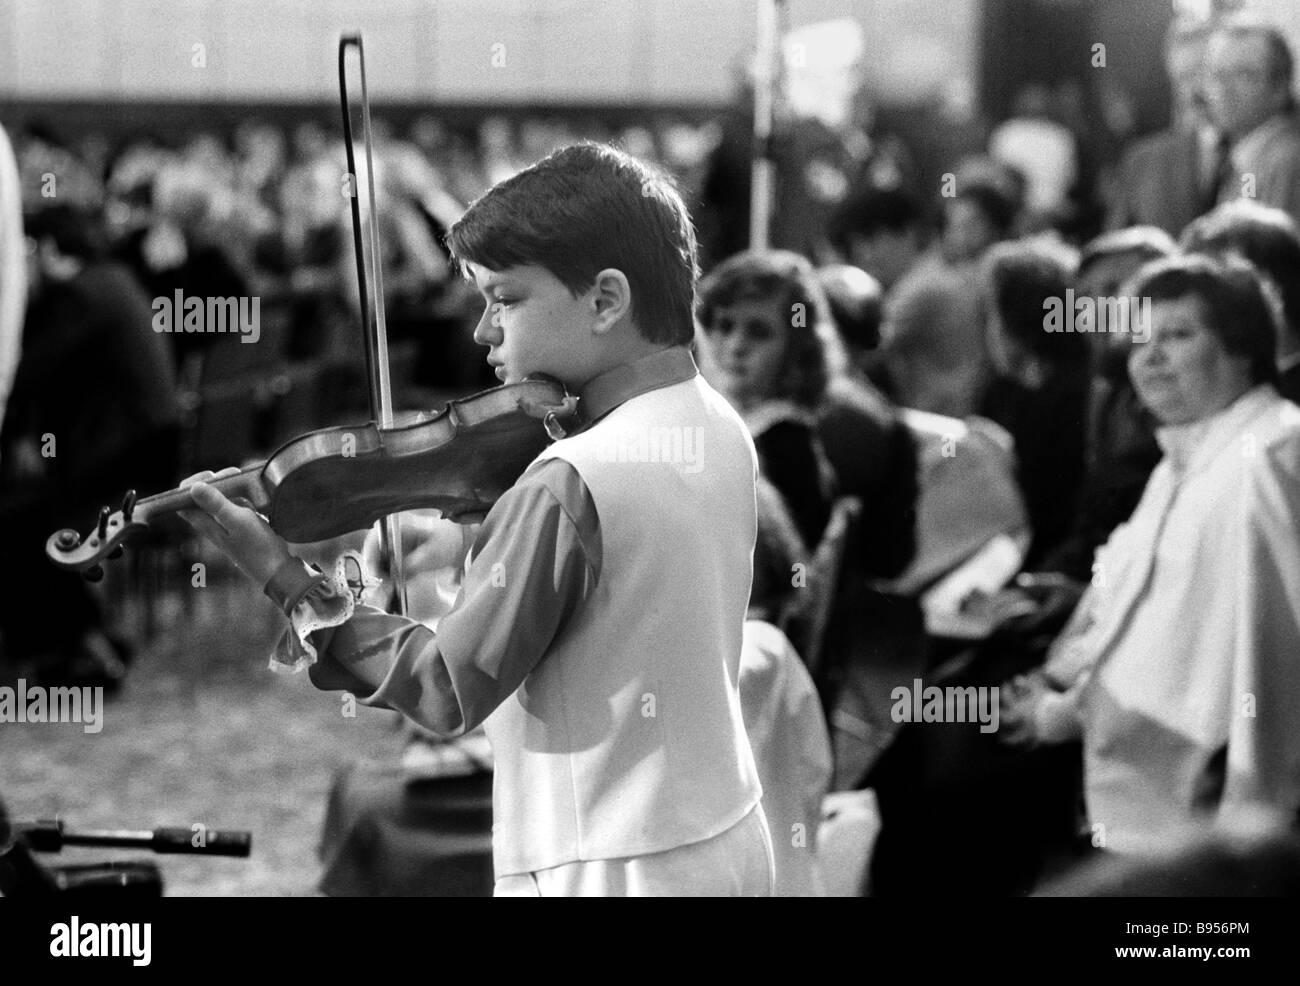 Violinist Alexander Semchuk from Ivano Frankovsk in the Ukrainian Soviet Socialist Republic thrills members of AssociationStock Photo